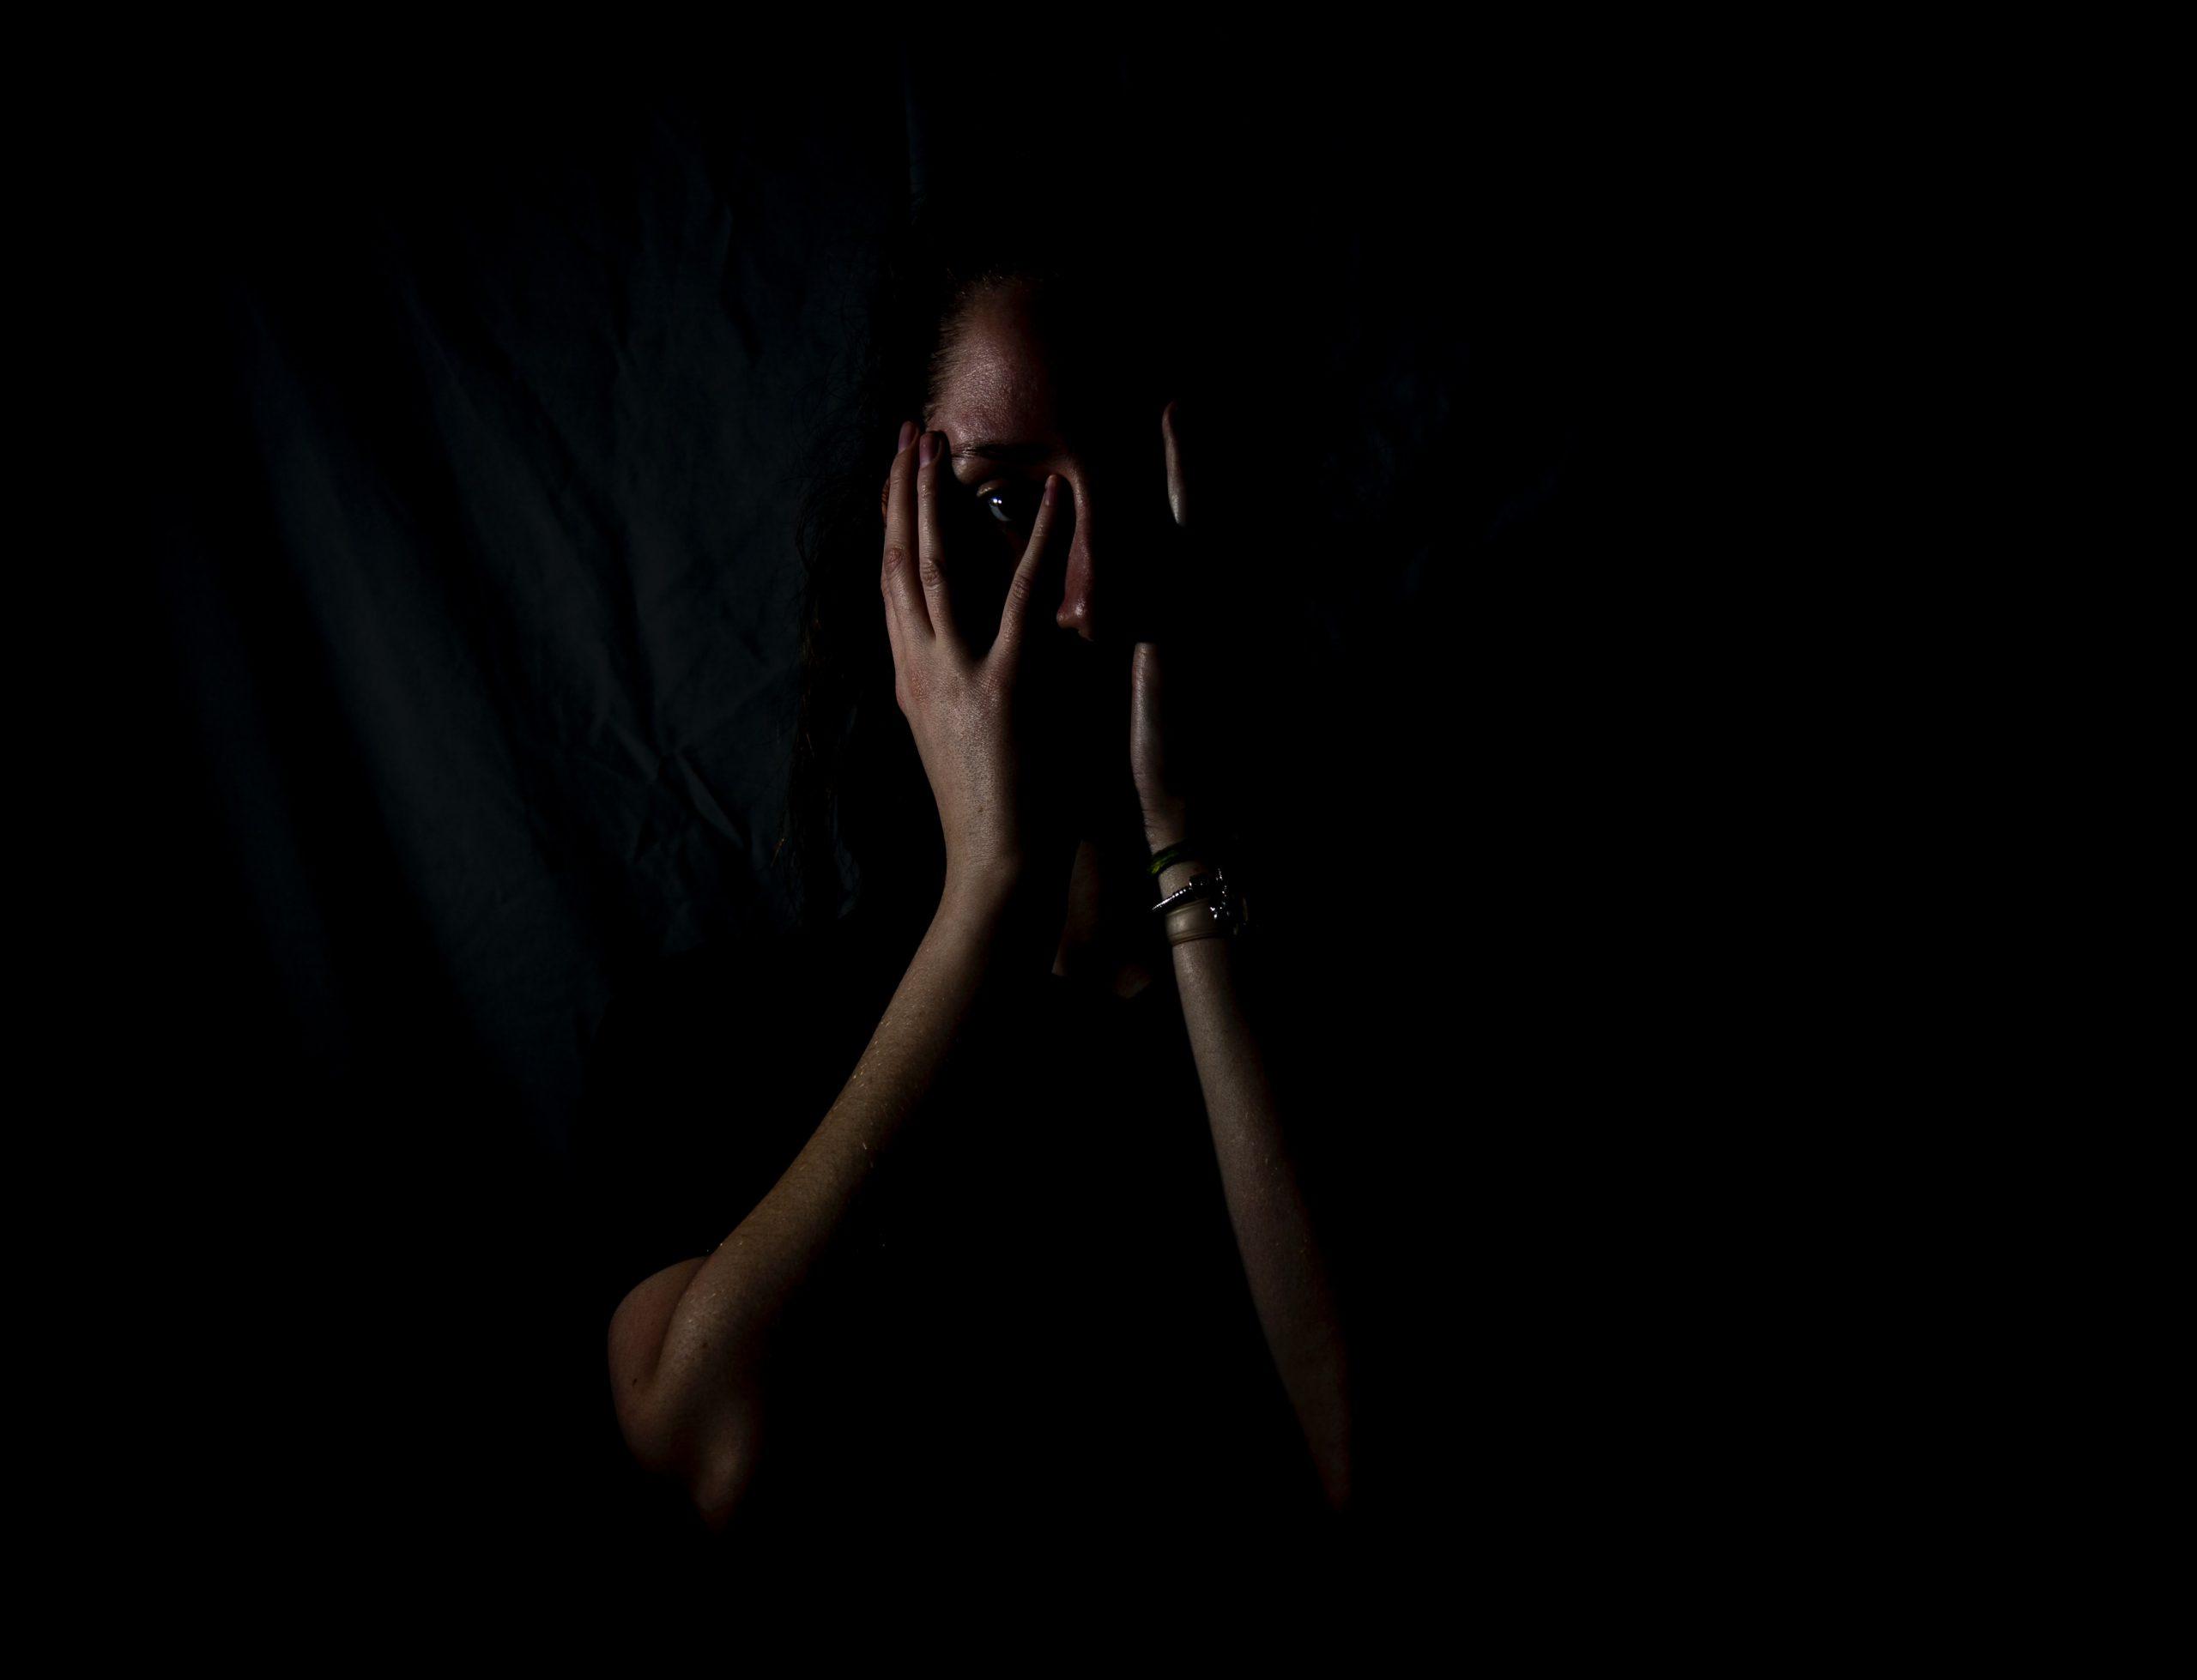 Victime de violence conjugale dans l'obscurité